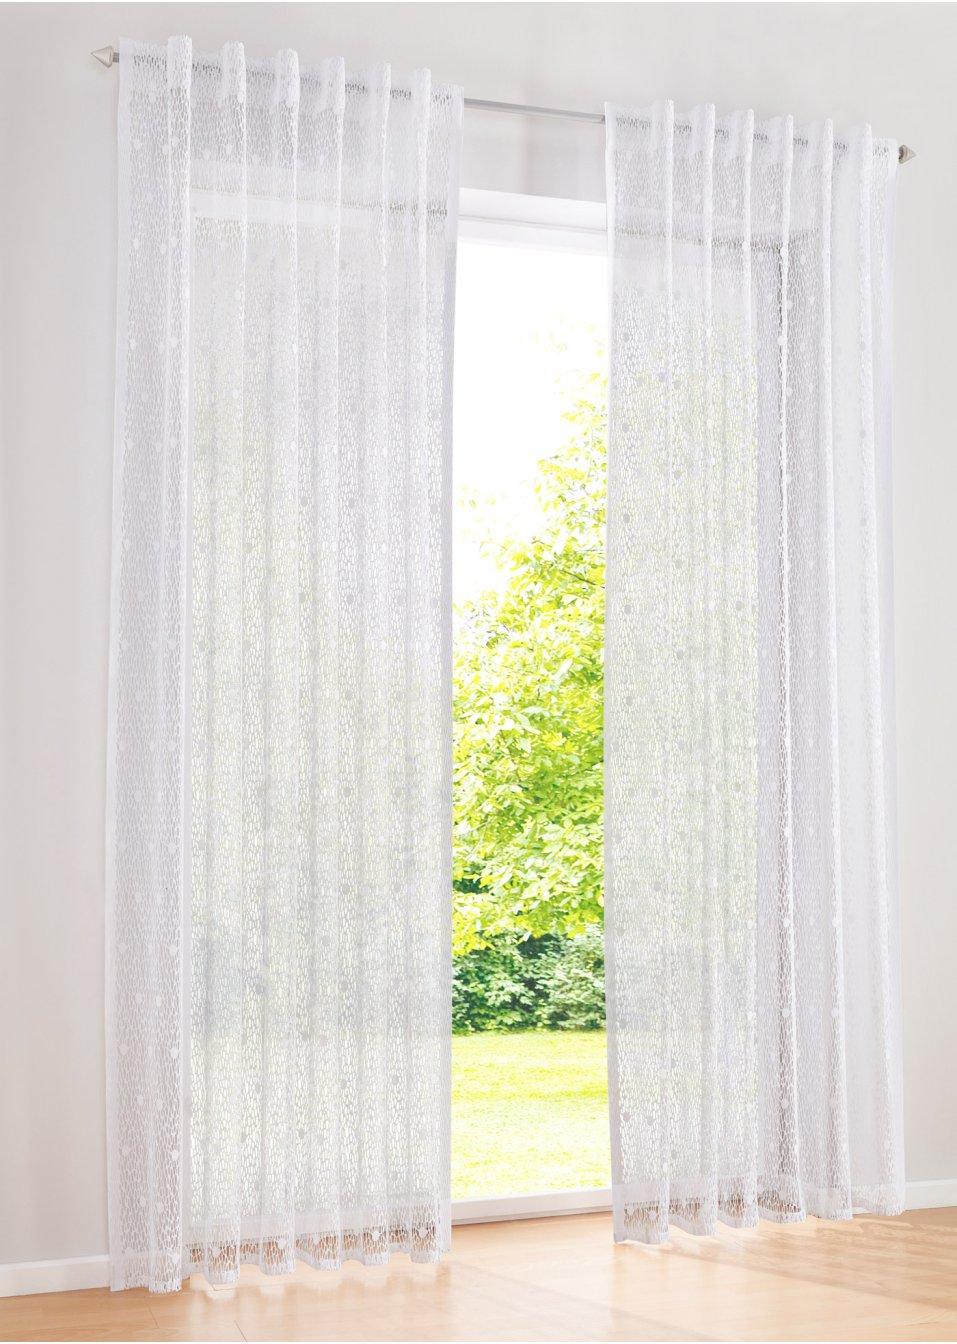 gardine penny 1er pack wei bpc living online kaufen. Black Bedroom Furniture Sets. Home Design Ideas